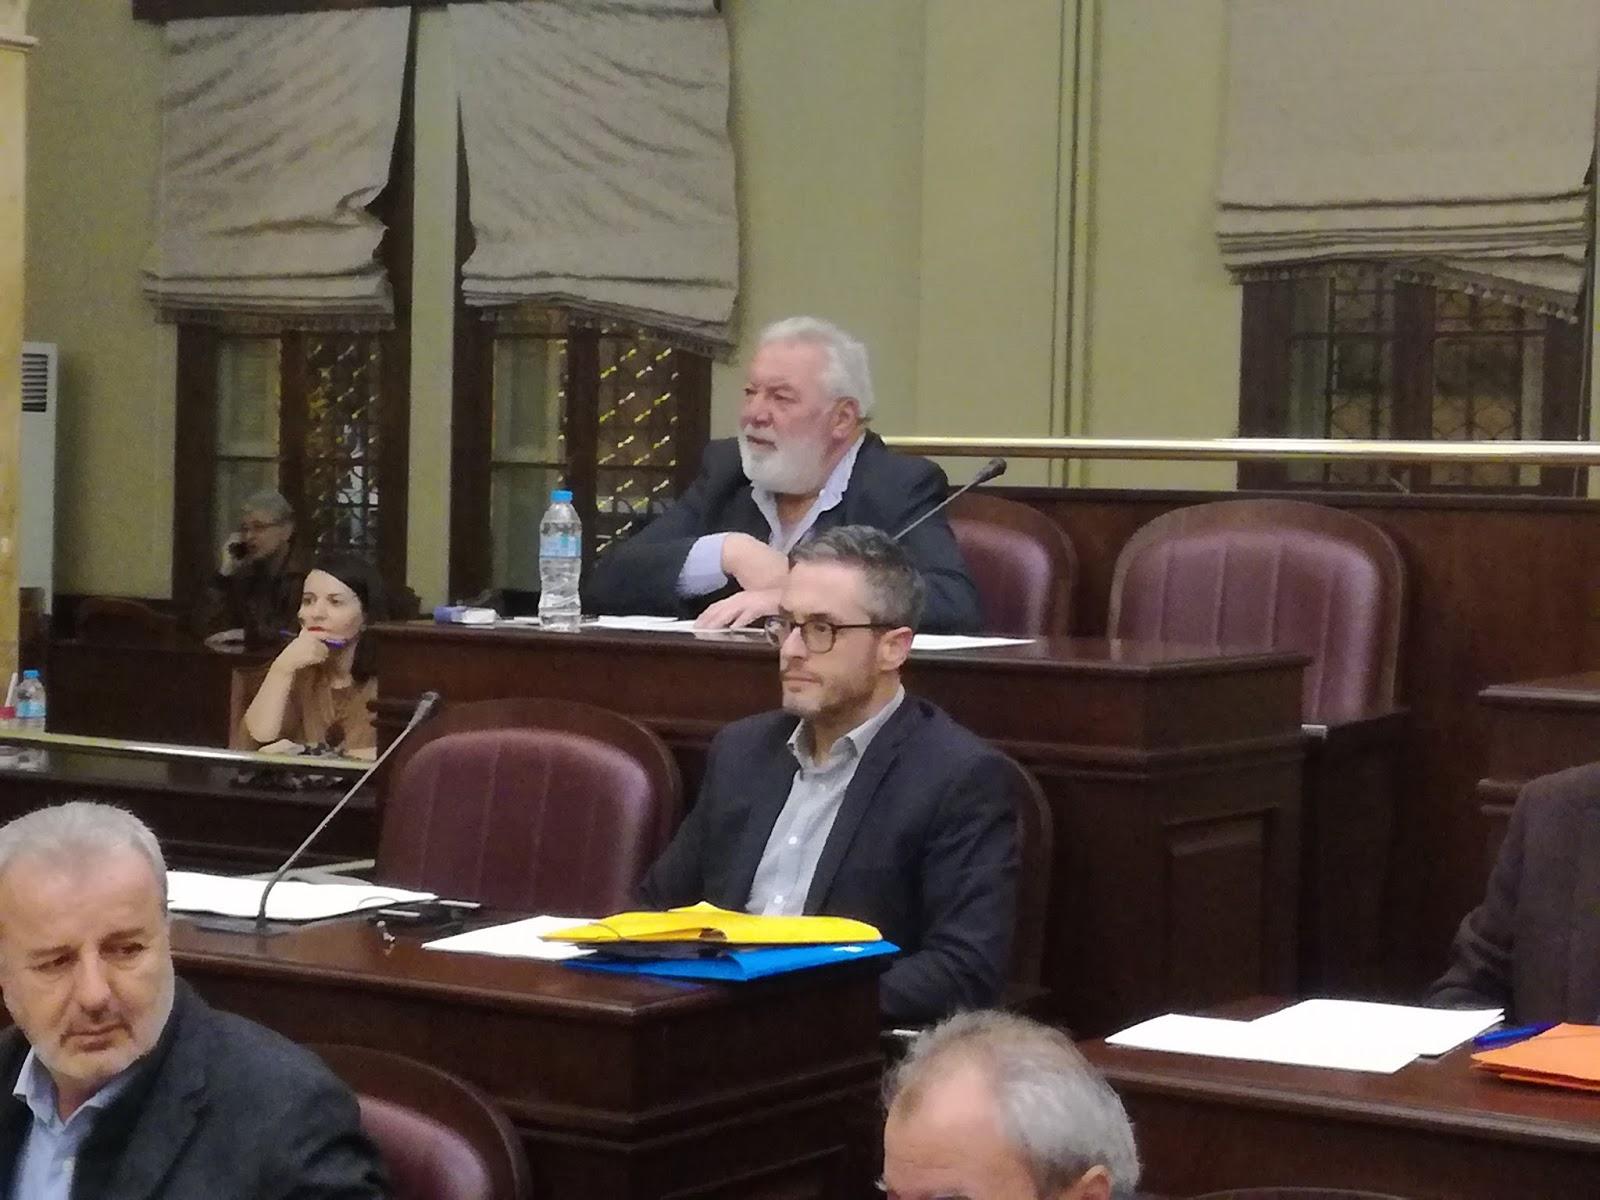 Δήμος Ιωαννιτών:Τεχνικό πρόγραμμα με κοινωνικό πρόσημο